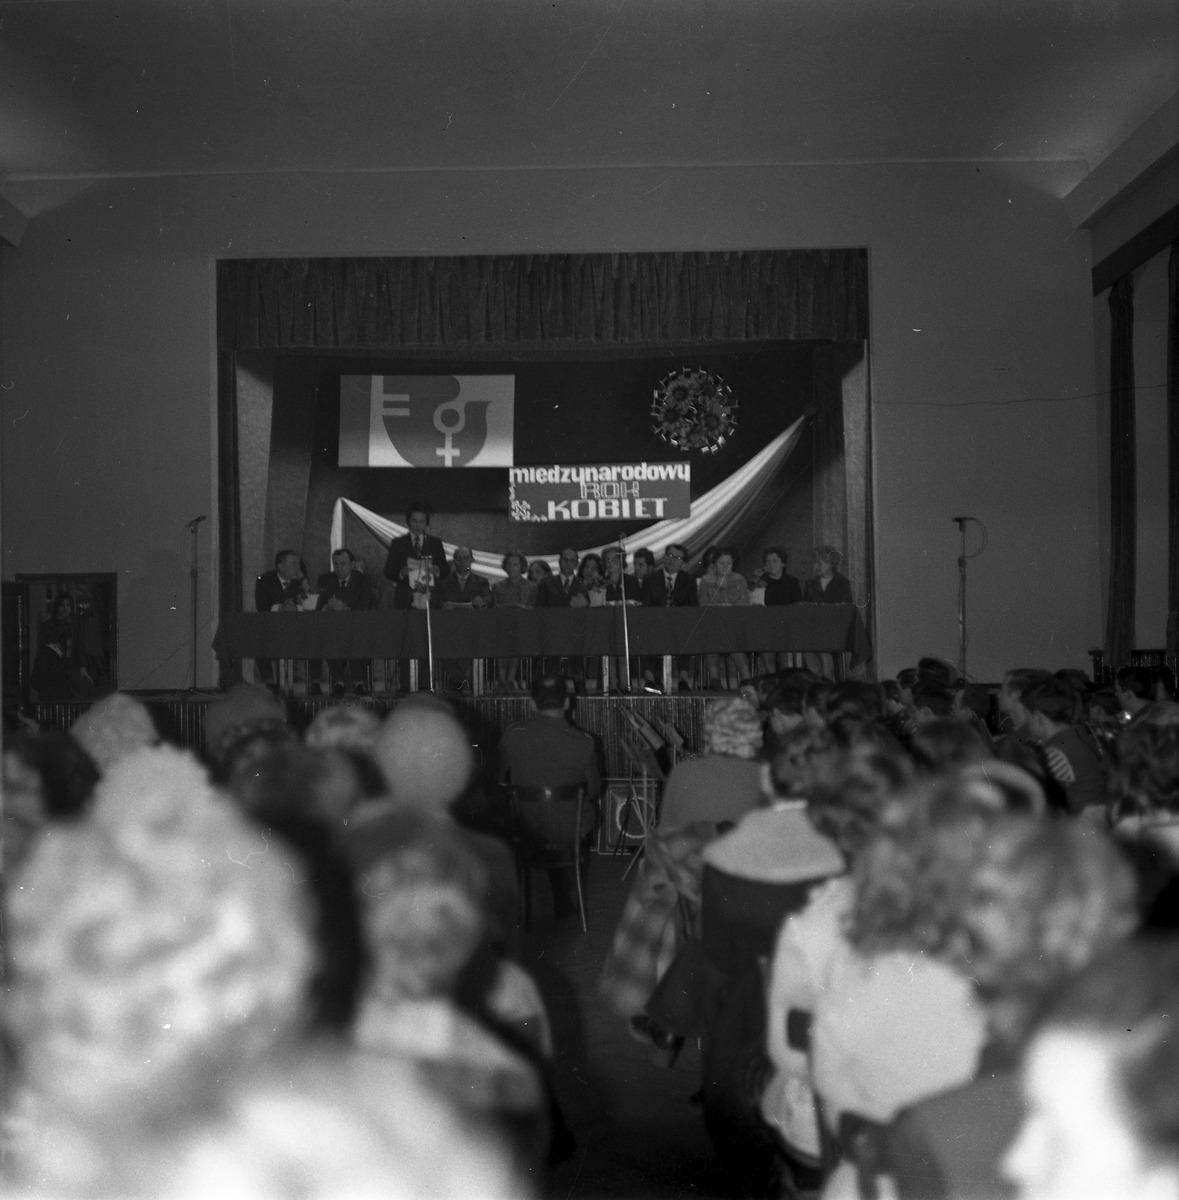 Obchody Międzynarodowego Roku Kobiet, 1975 r. [3]